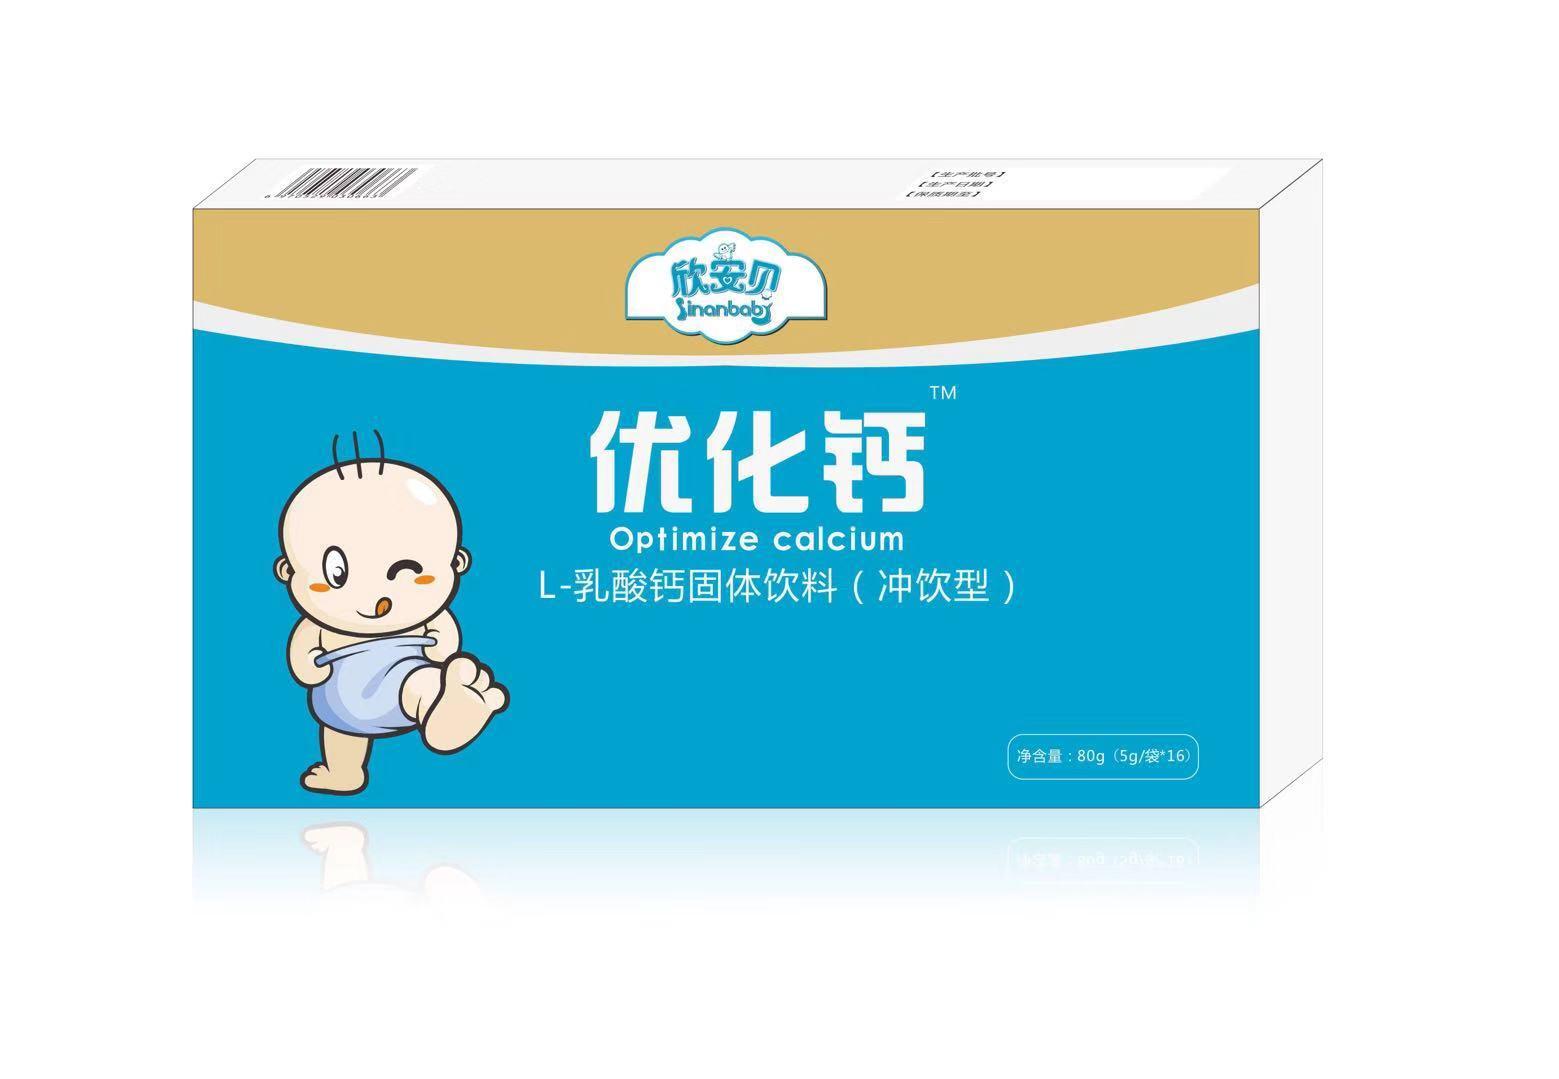 L-乳酸鈣、補鈣、兒童鈣產品